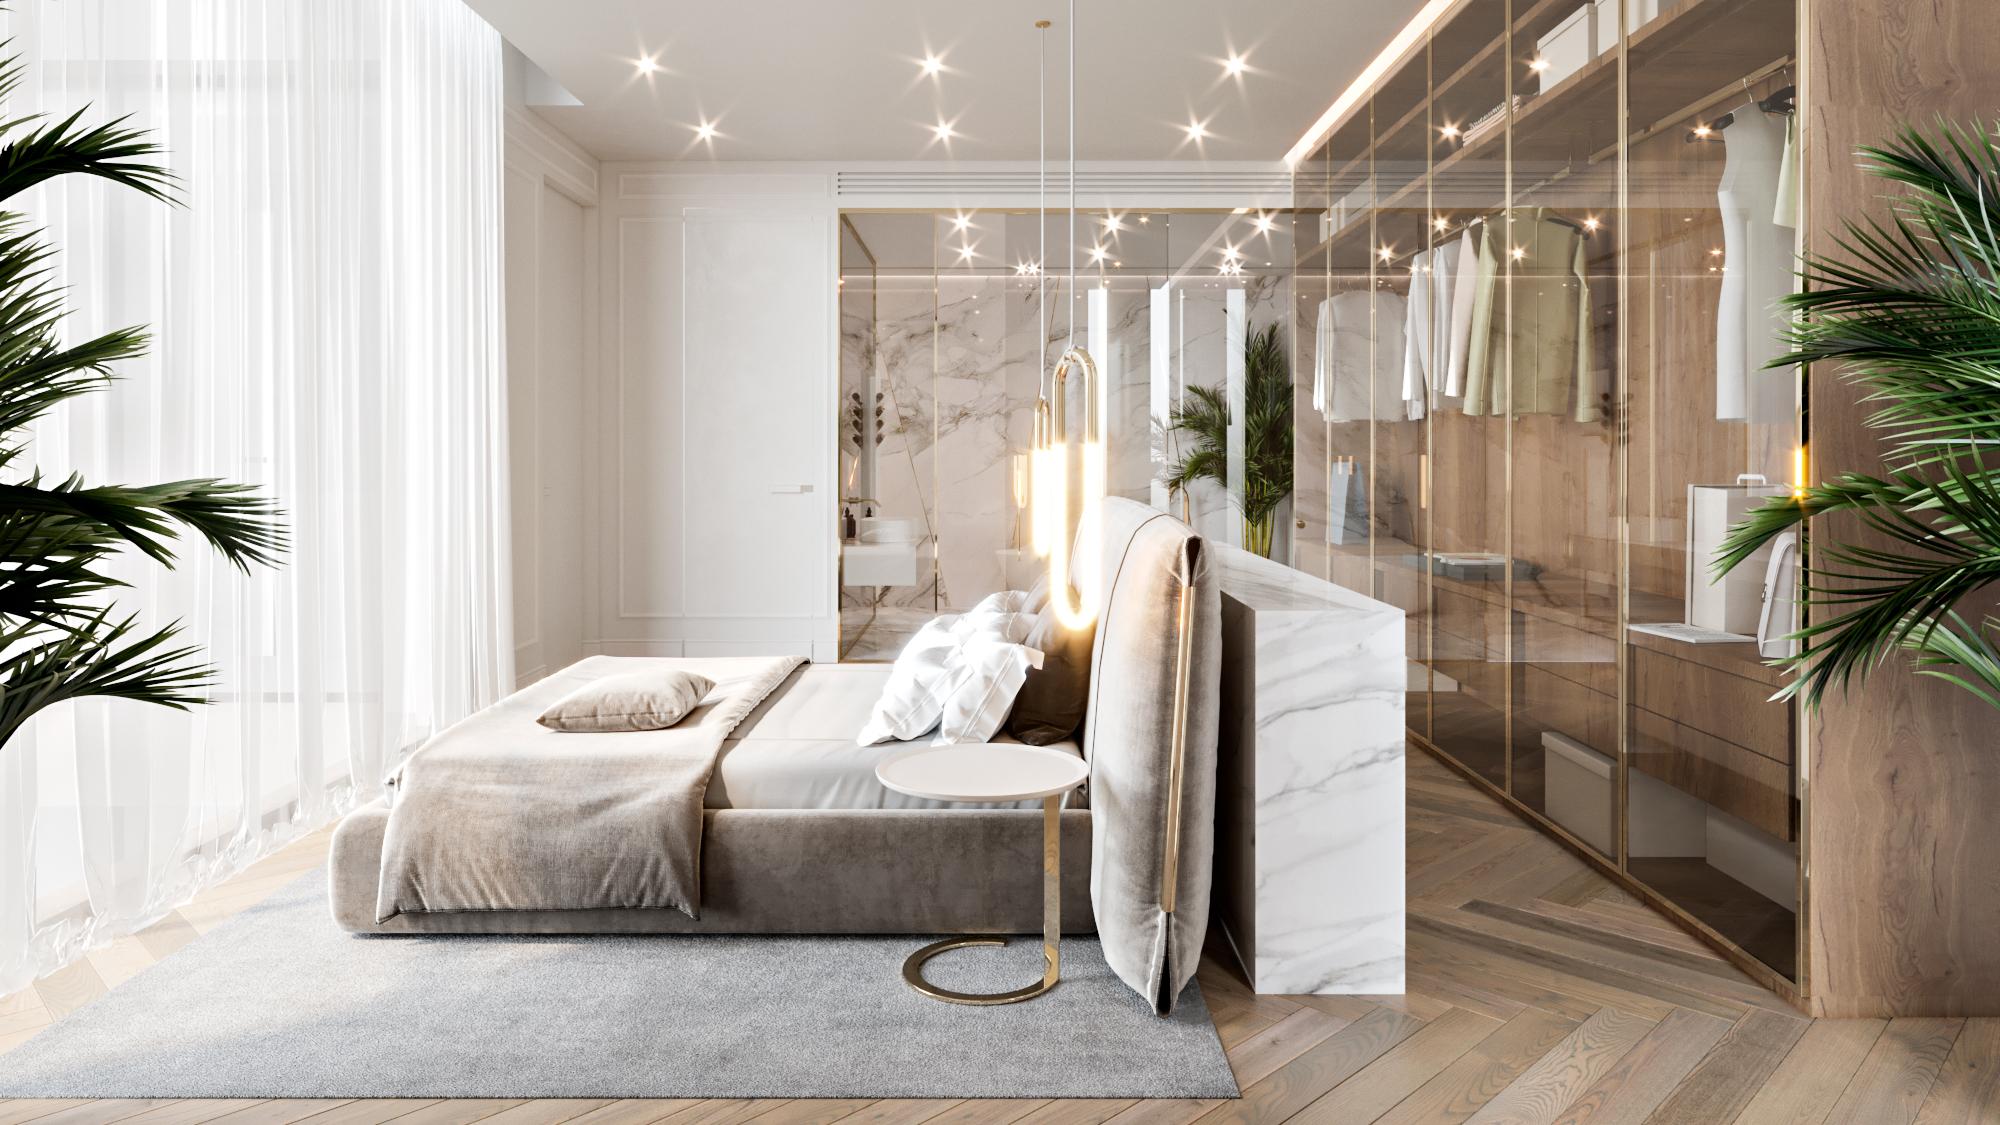 Ardh-Luxury Residential Villa-Dubai-Master Bedroom